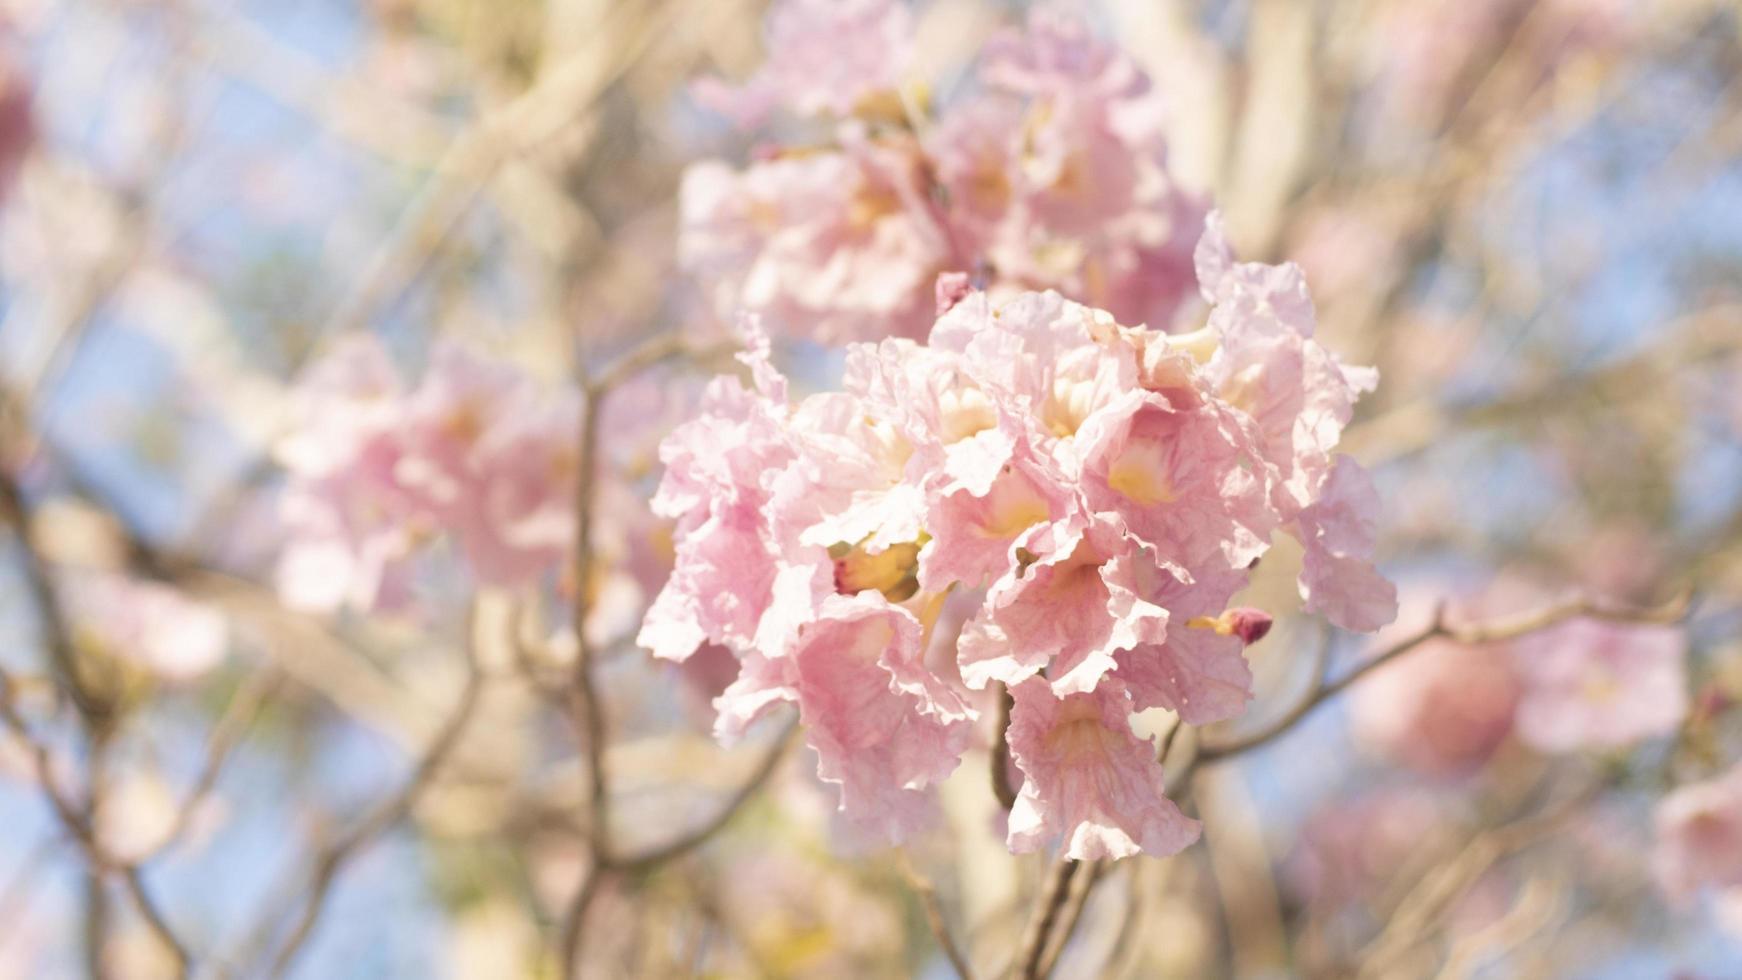 enfoque suave de flores rosadas foto